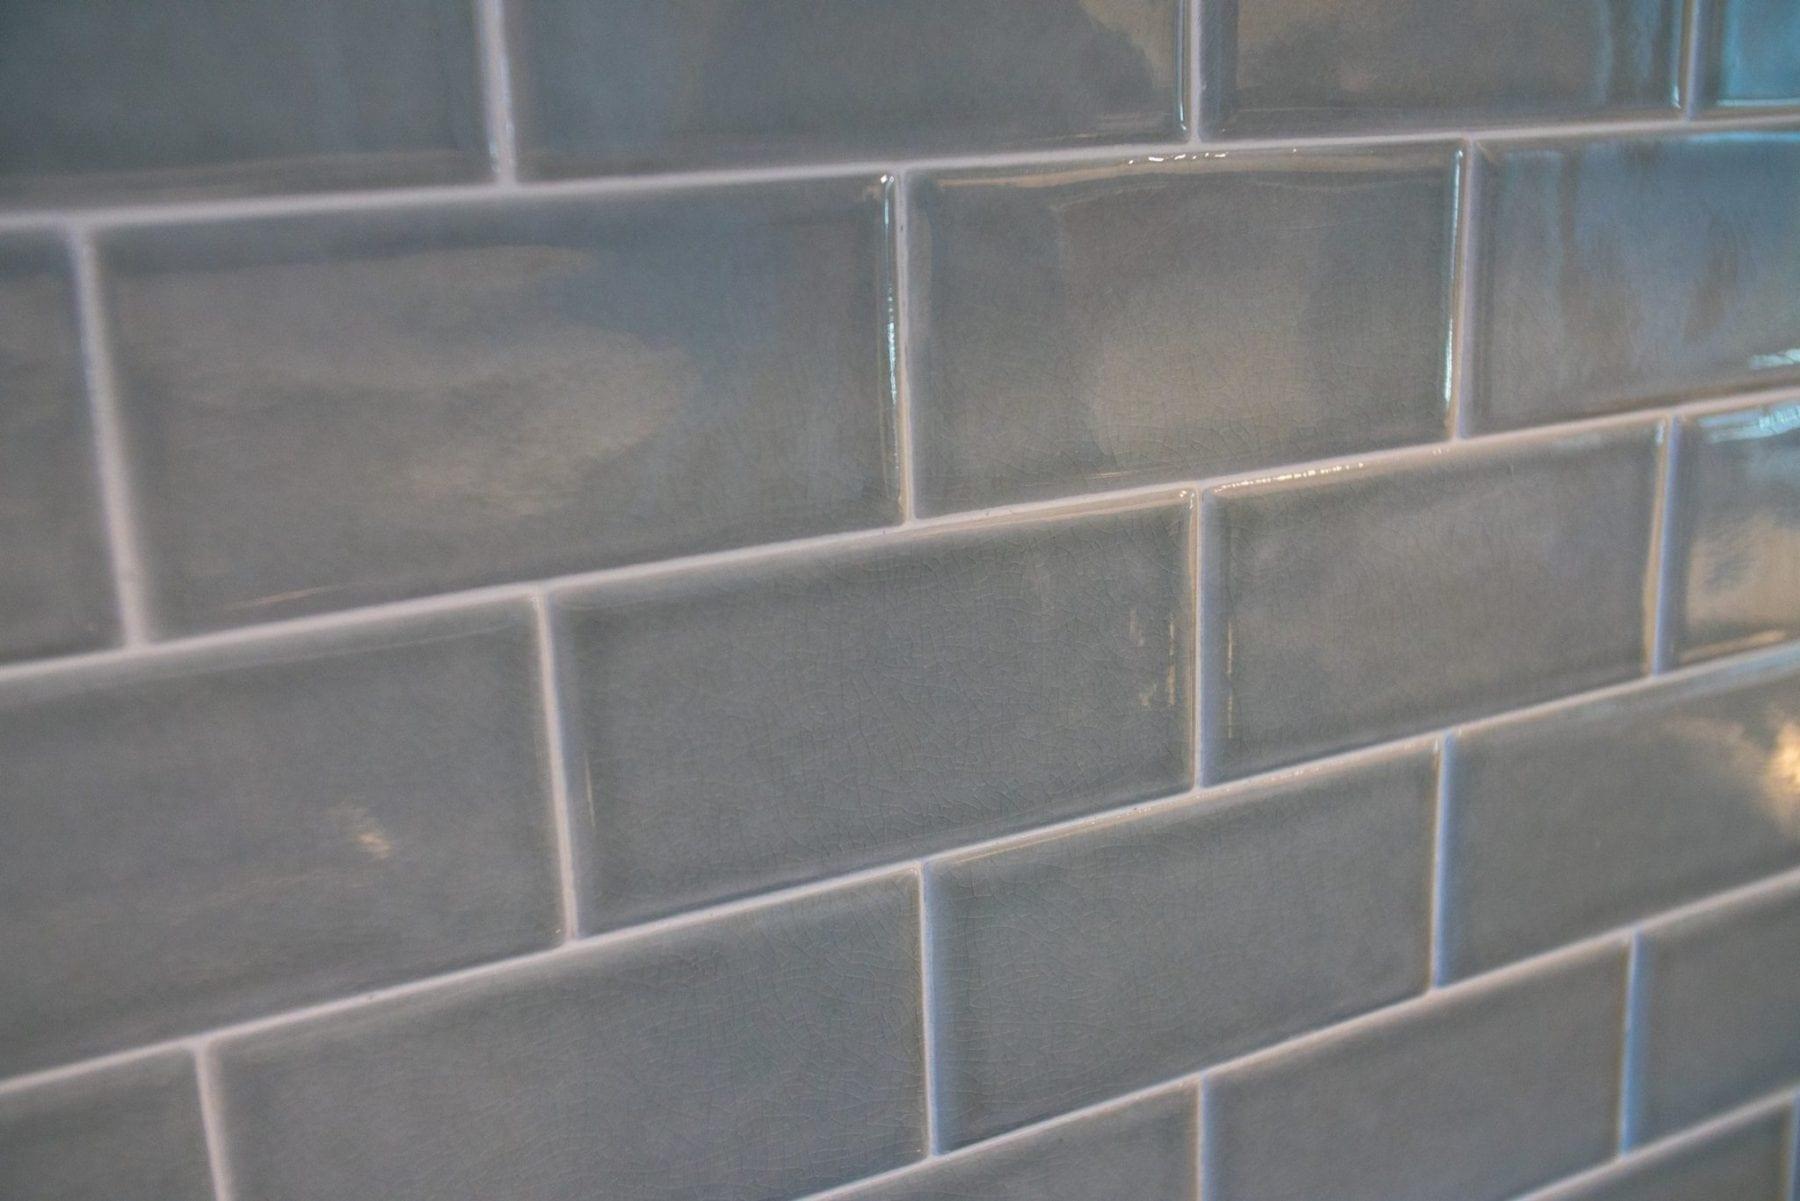 Backsplash ceramic tile installation after renowned kitchen remodel backsplash ceramic tile dailygadgetfo Choice Image